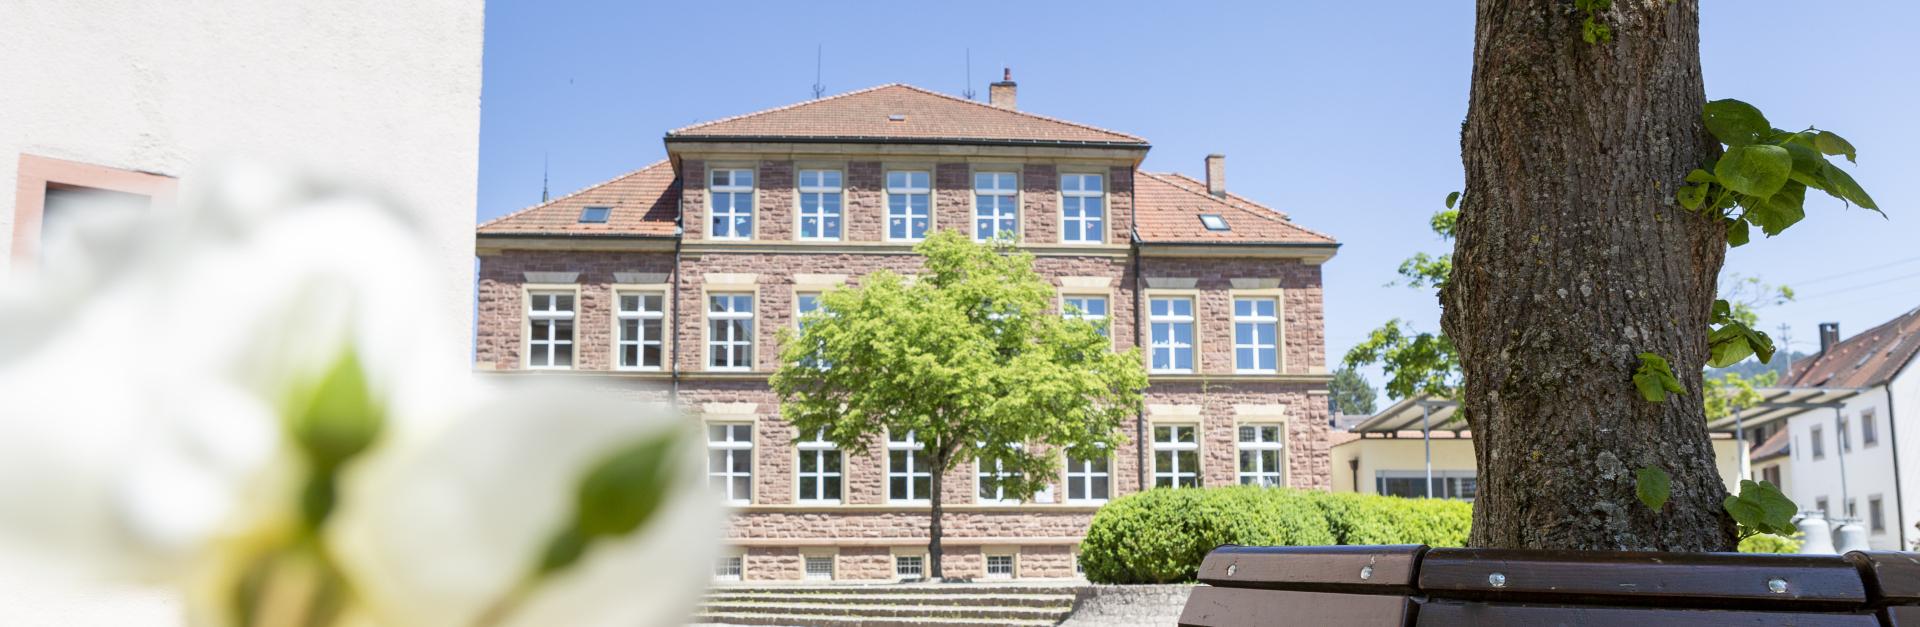 Grundschule Kandern